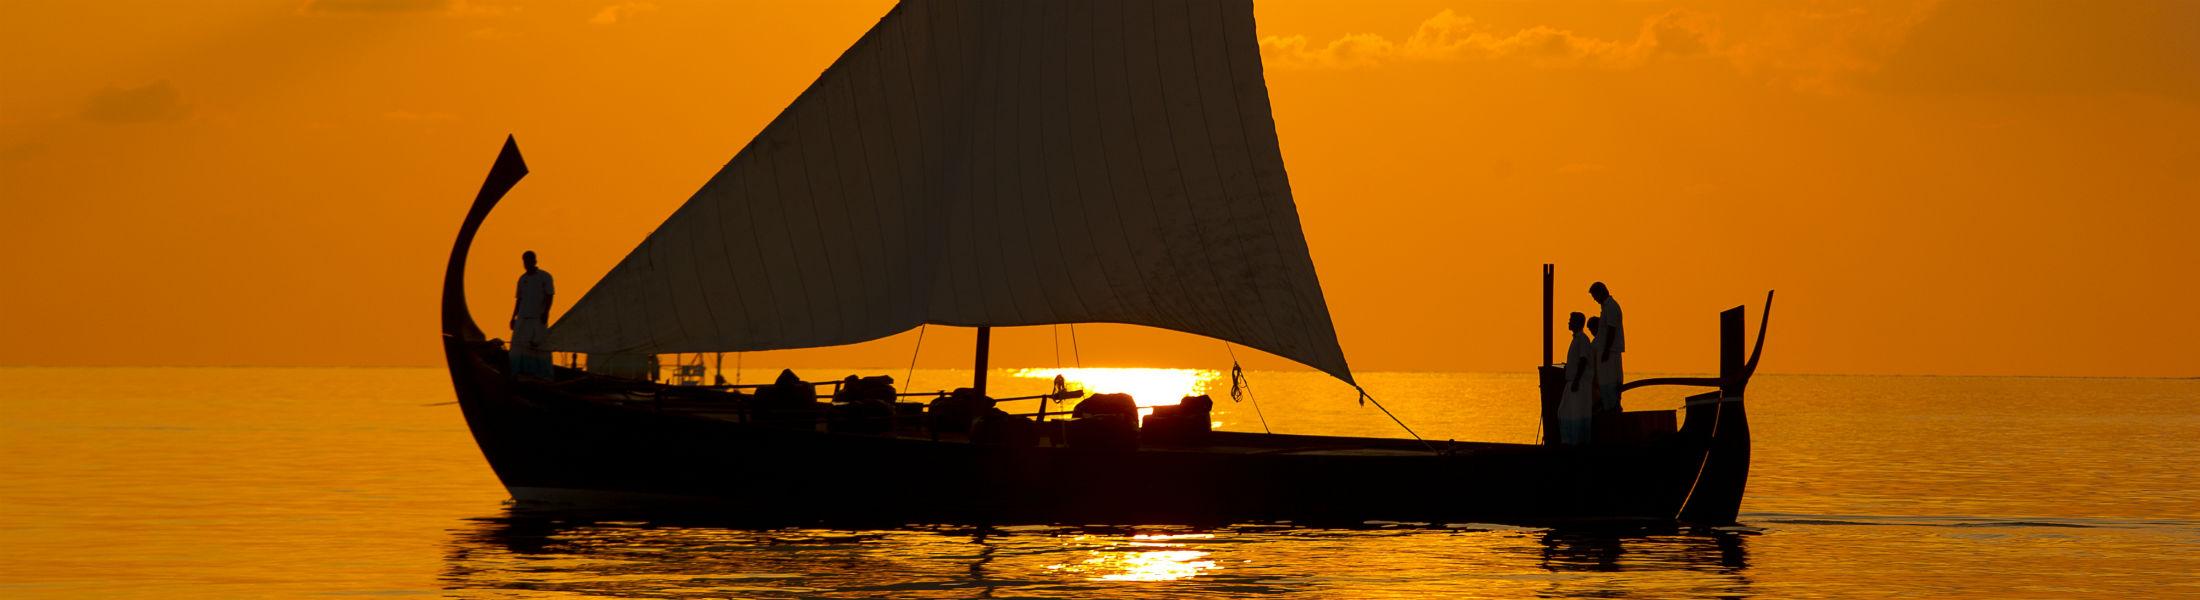 Spectacular Sunset Cruise